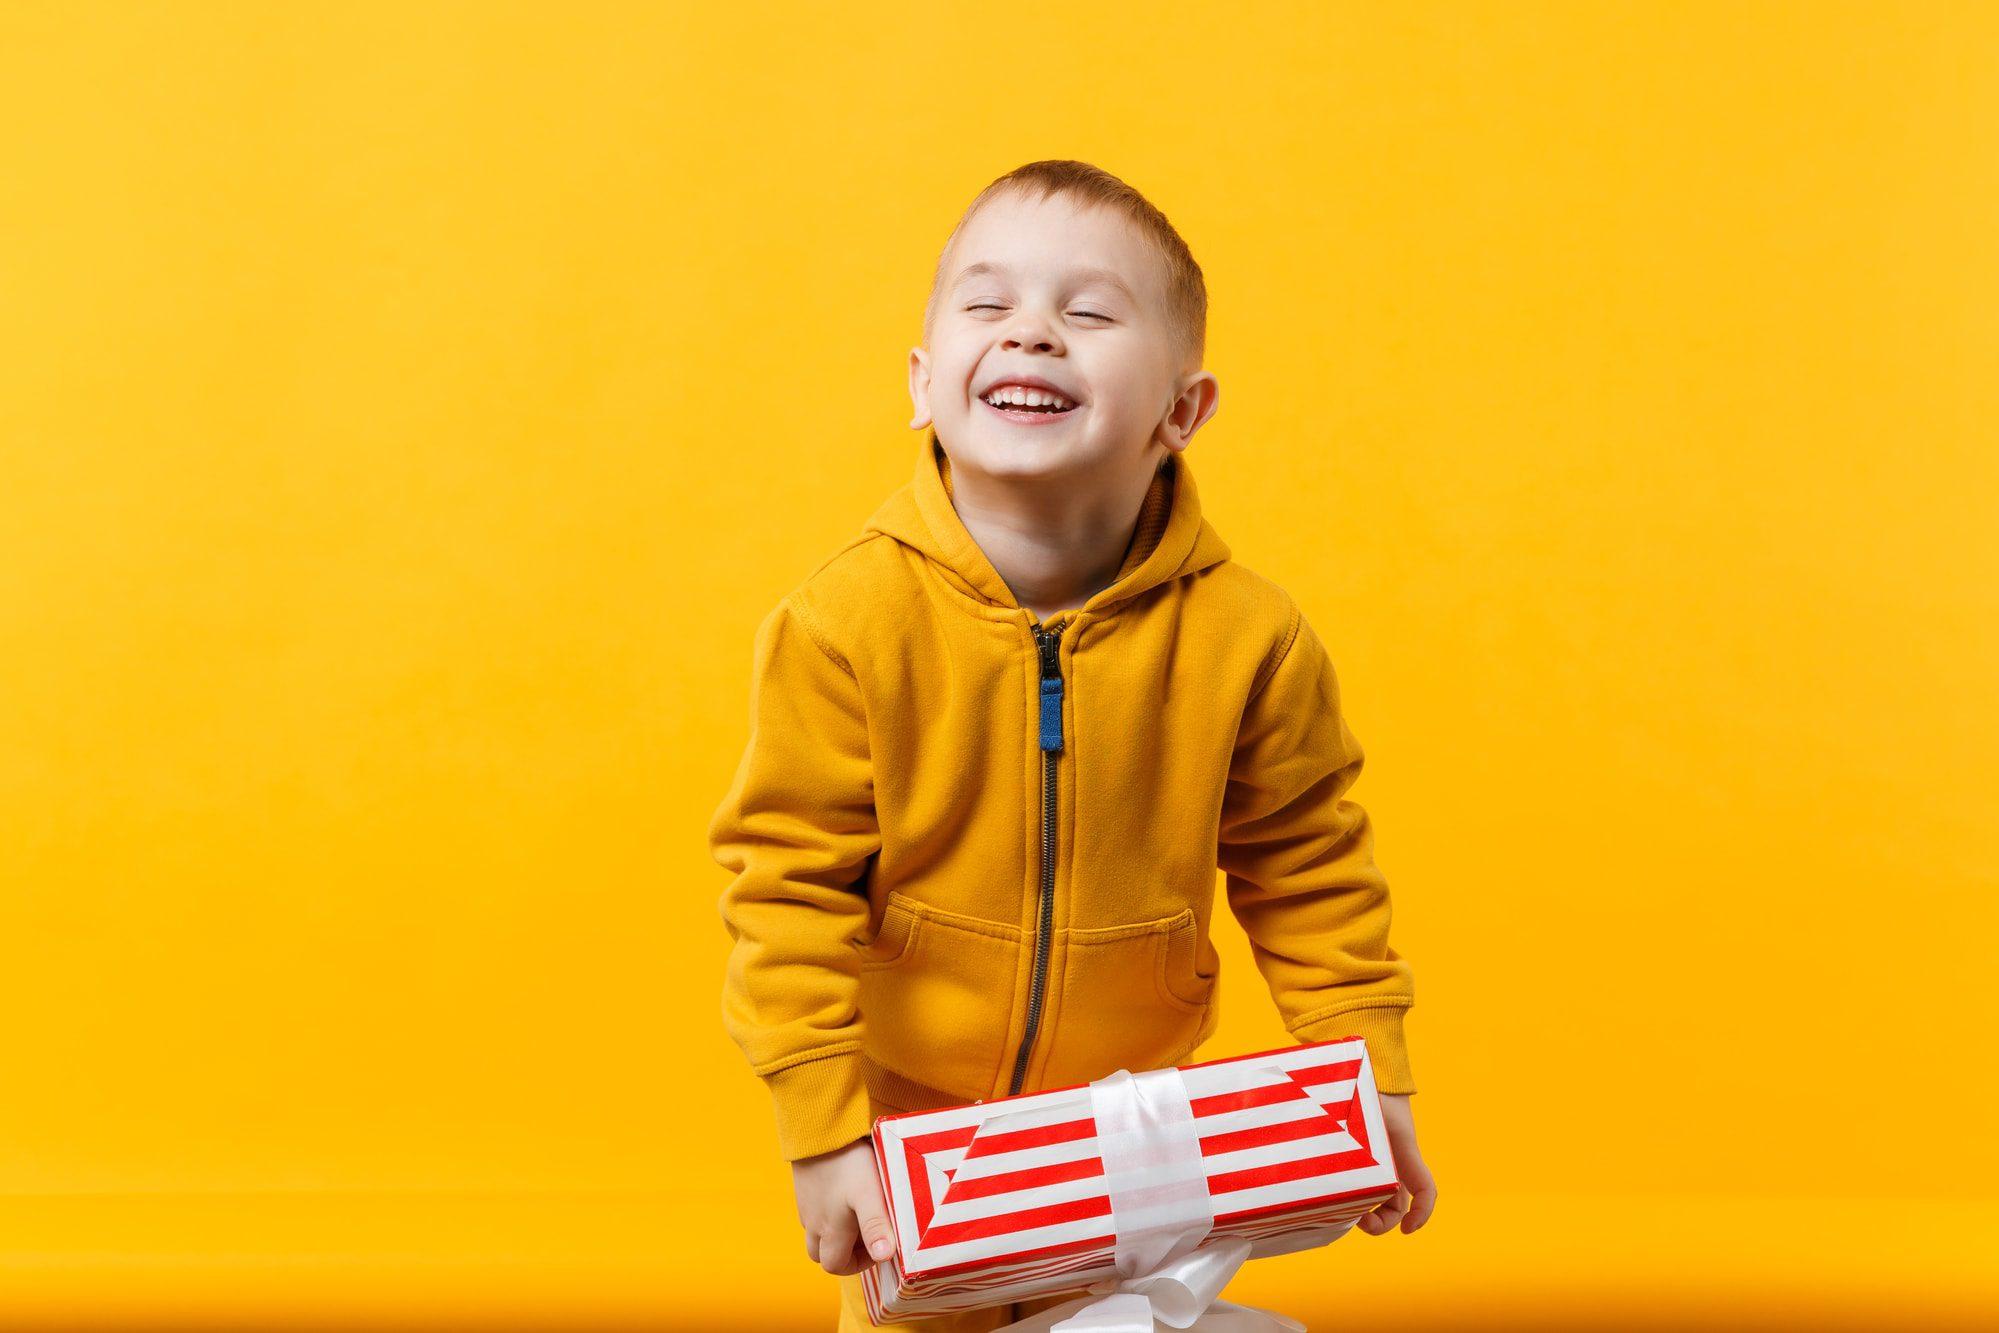 How to Reward Children with Good Behavior